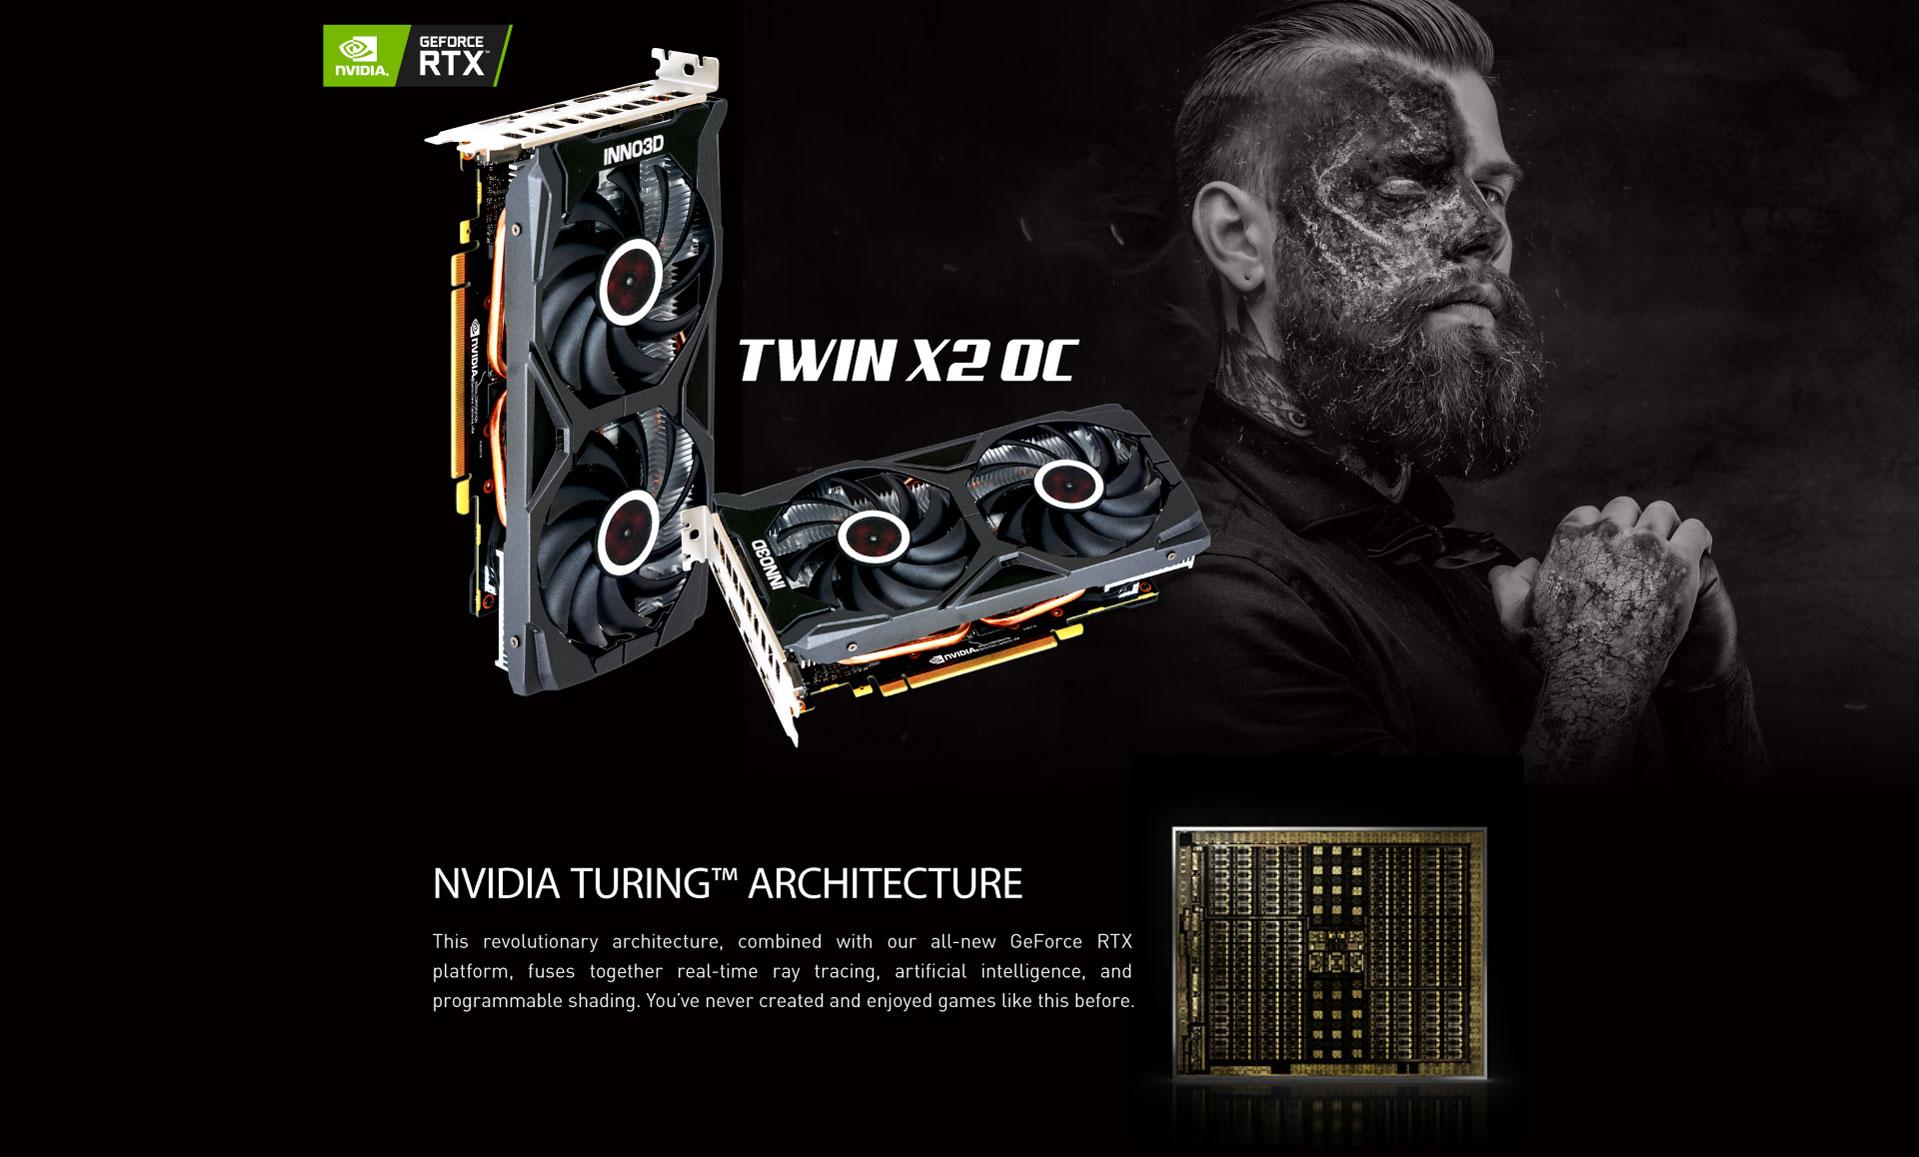 2060_Super_TwinX2_OC_01.jpg (262 KB)